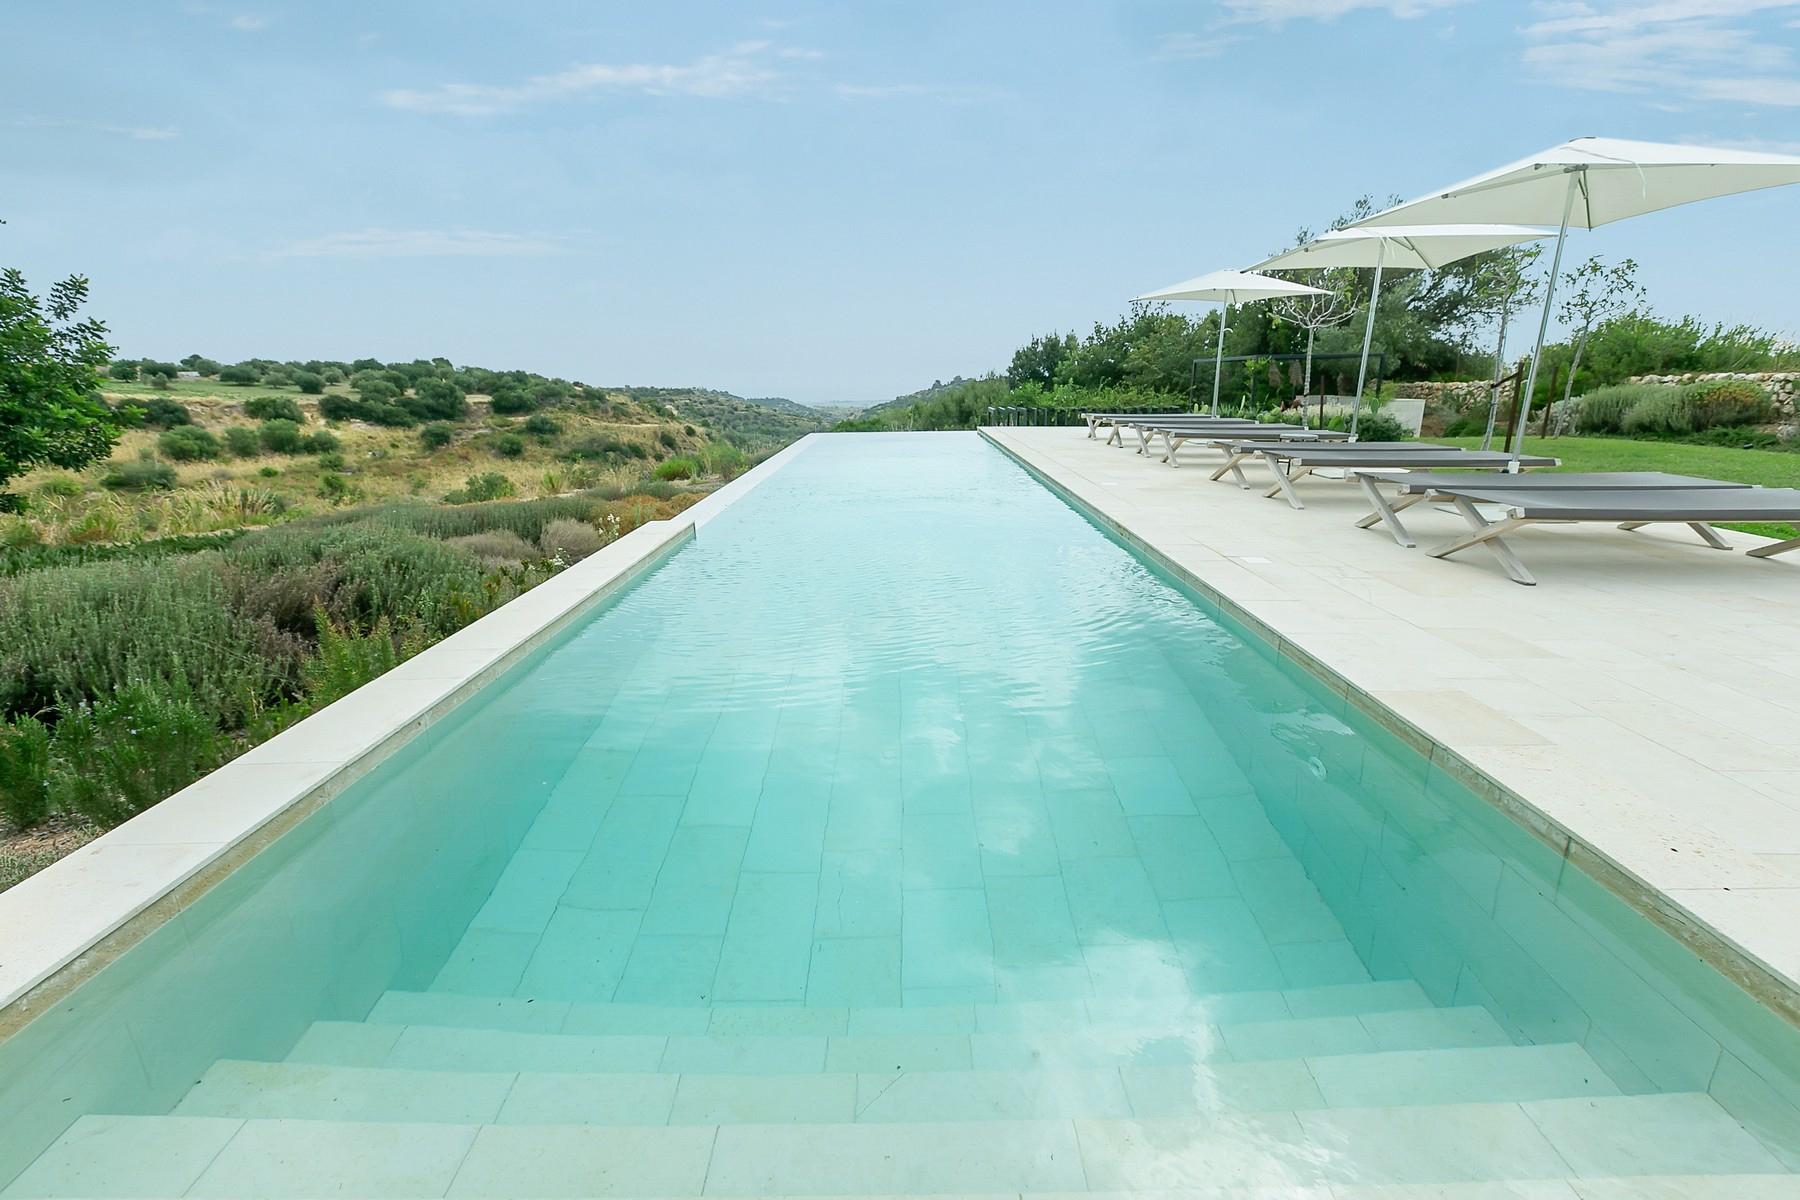 Villa in Vendita a Avola: 5 locali, 330 mq - Foto 14